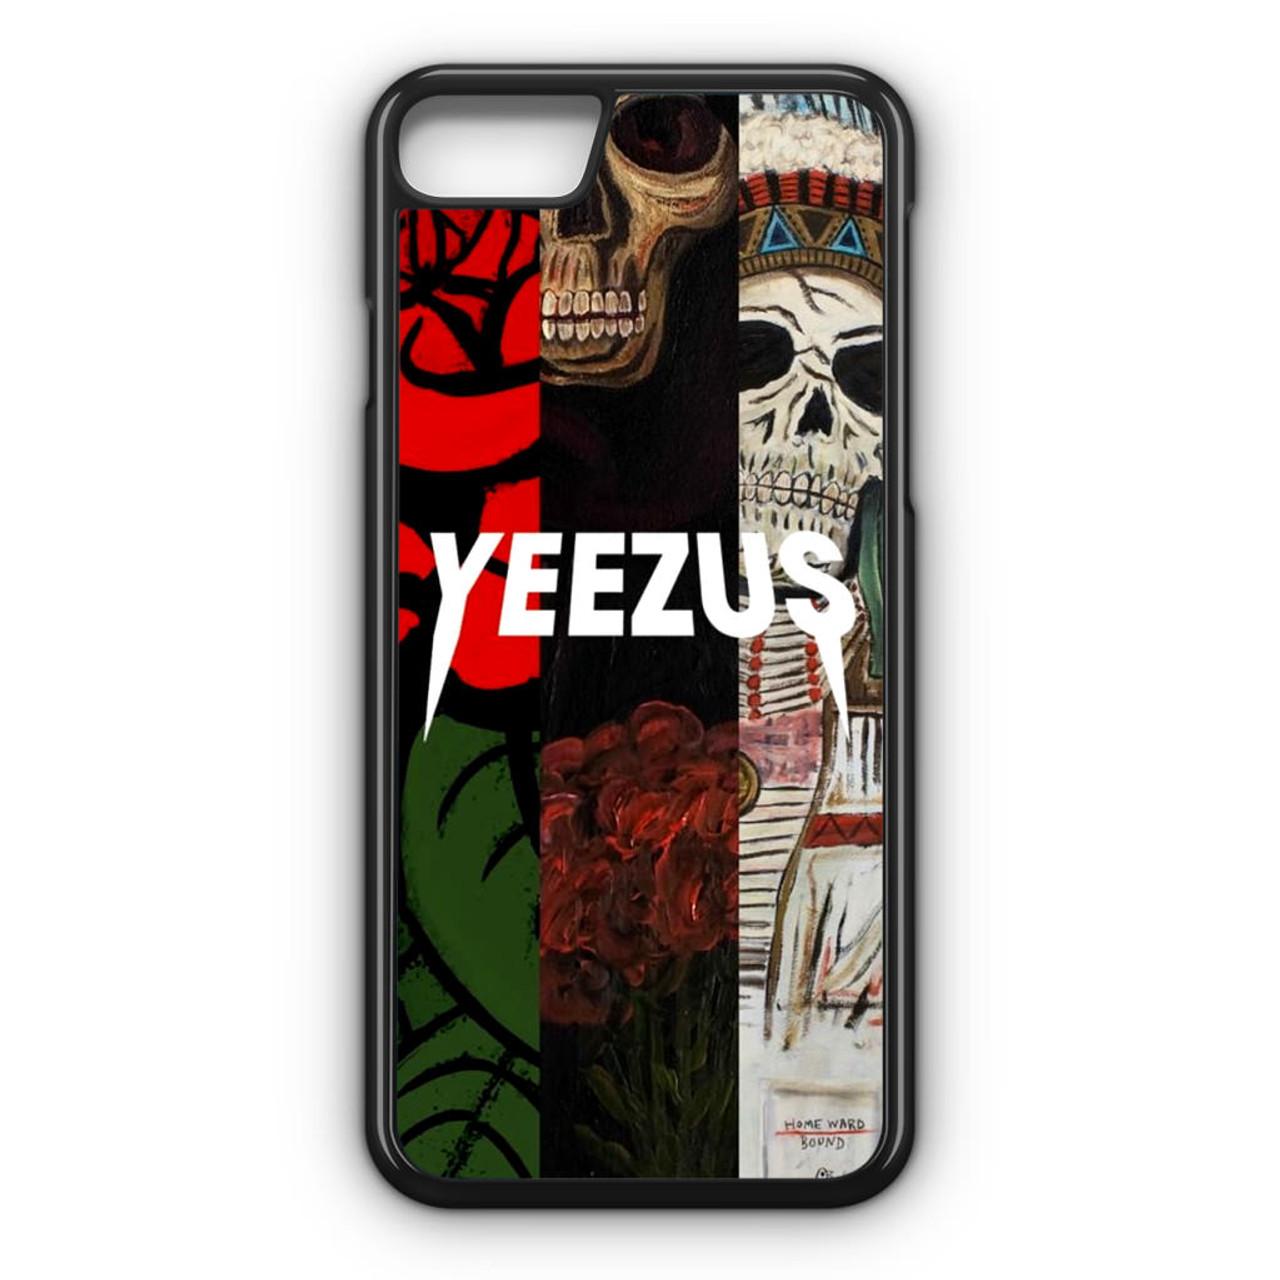 06721b58930981 Kanye West Yeezus iPhone 7 Case - CASESHUNTER